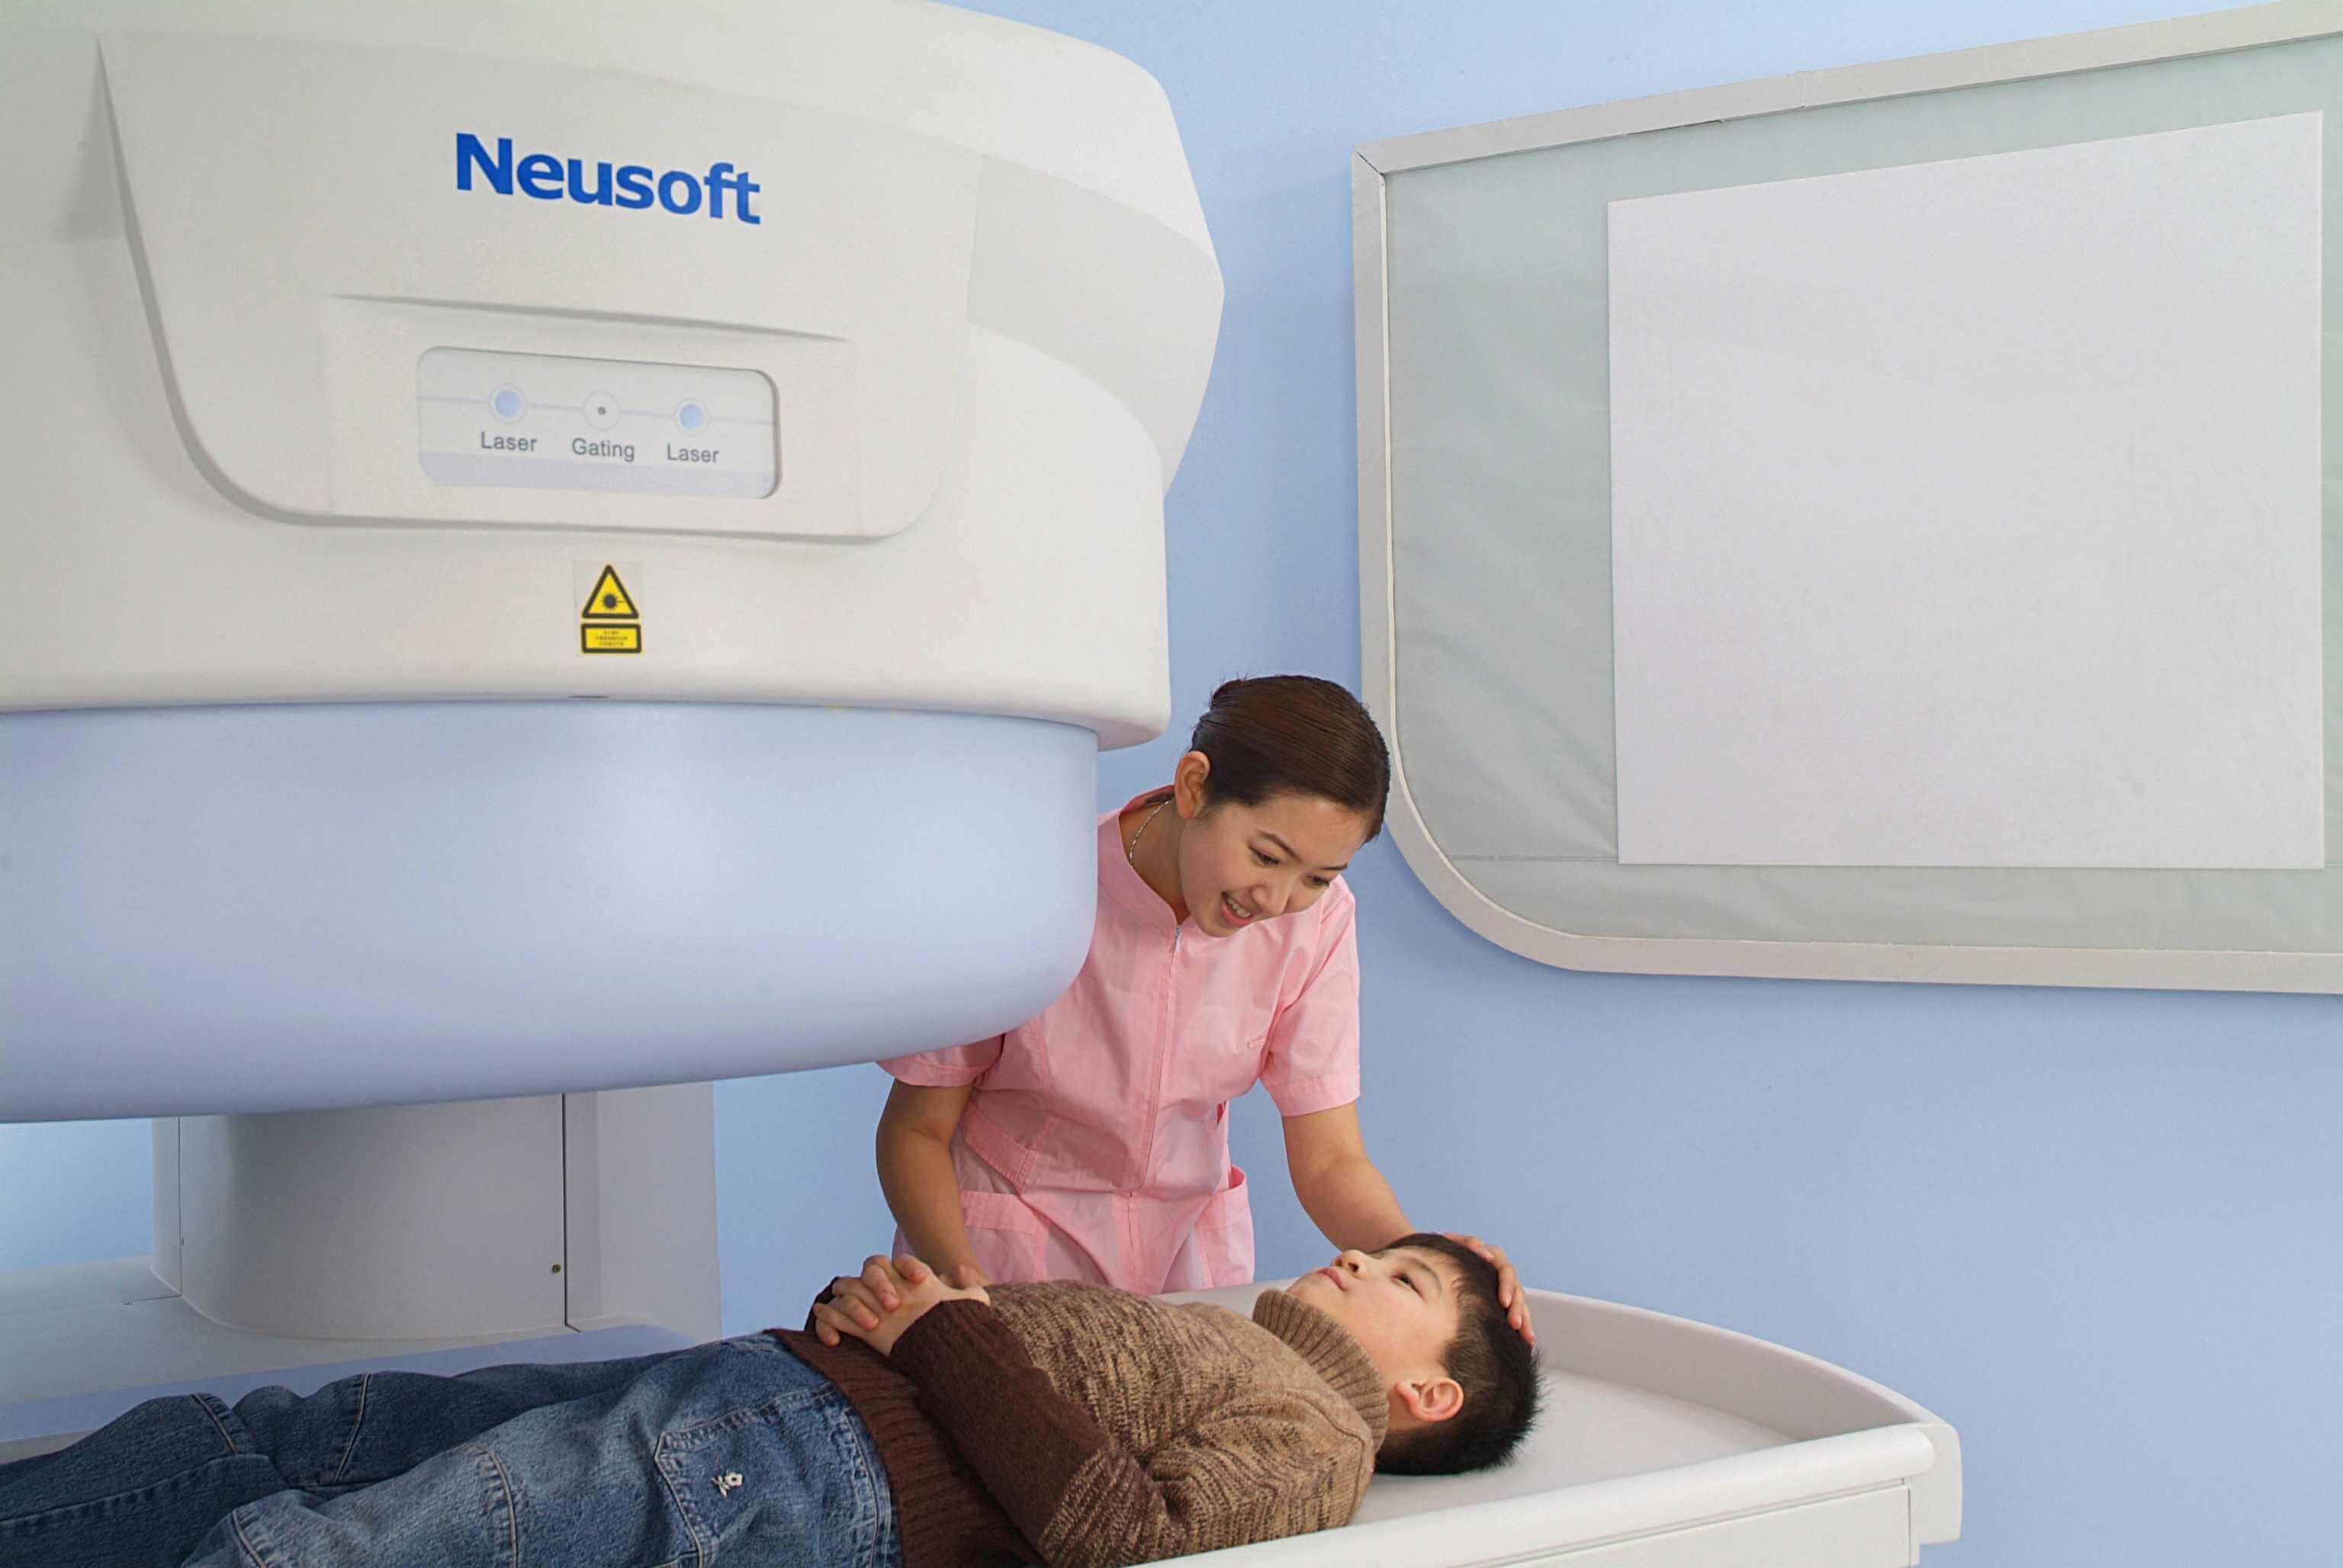 Ressonância Magnética Superstar - Neusoft ressonância magnética MRI Scan ressonancia magnetica neusoft superstar